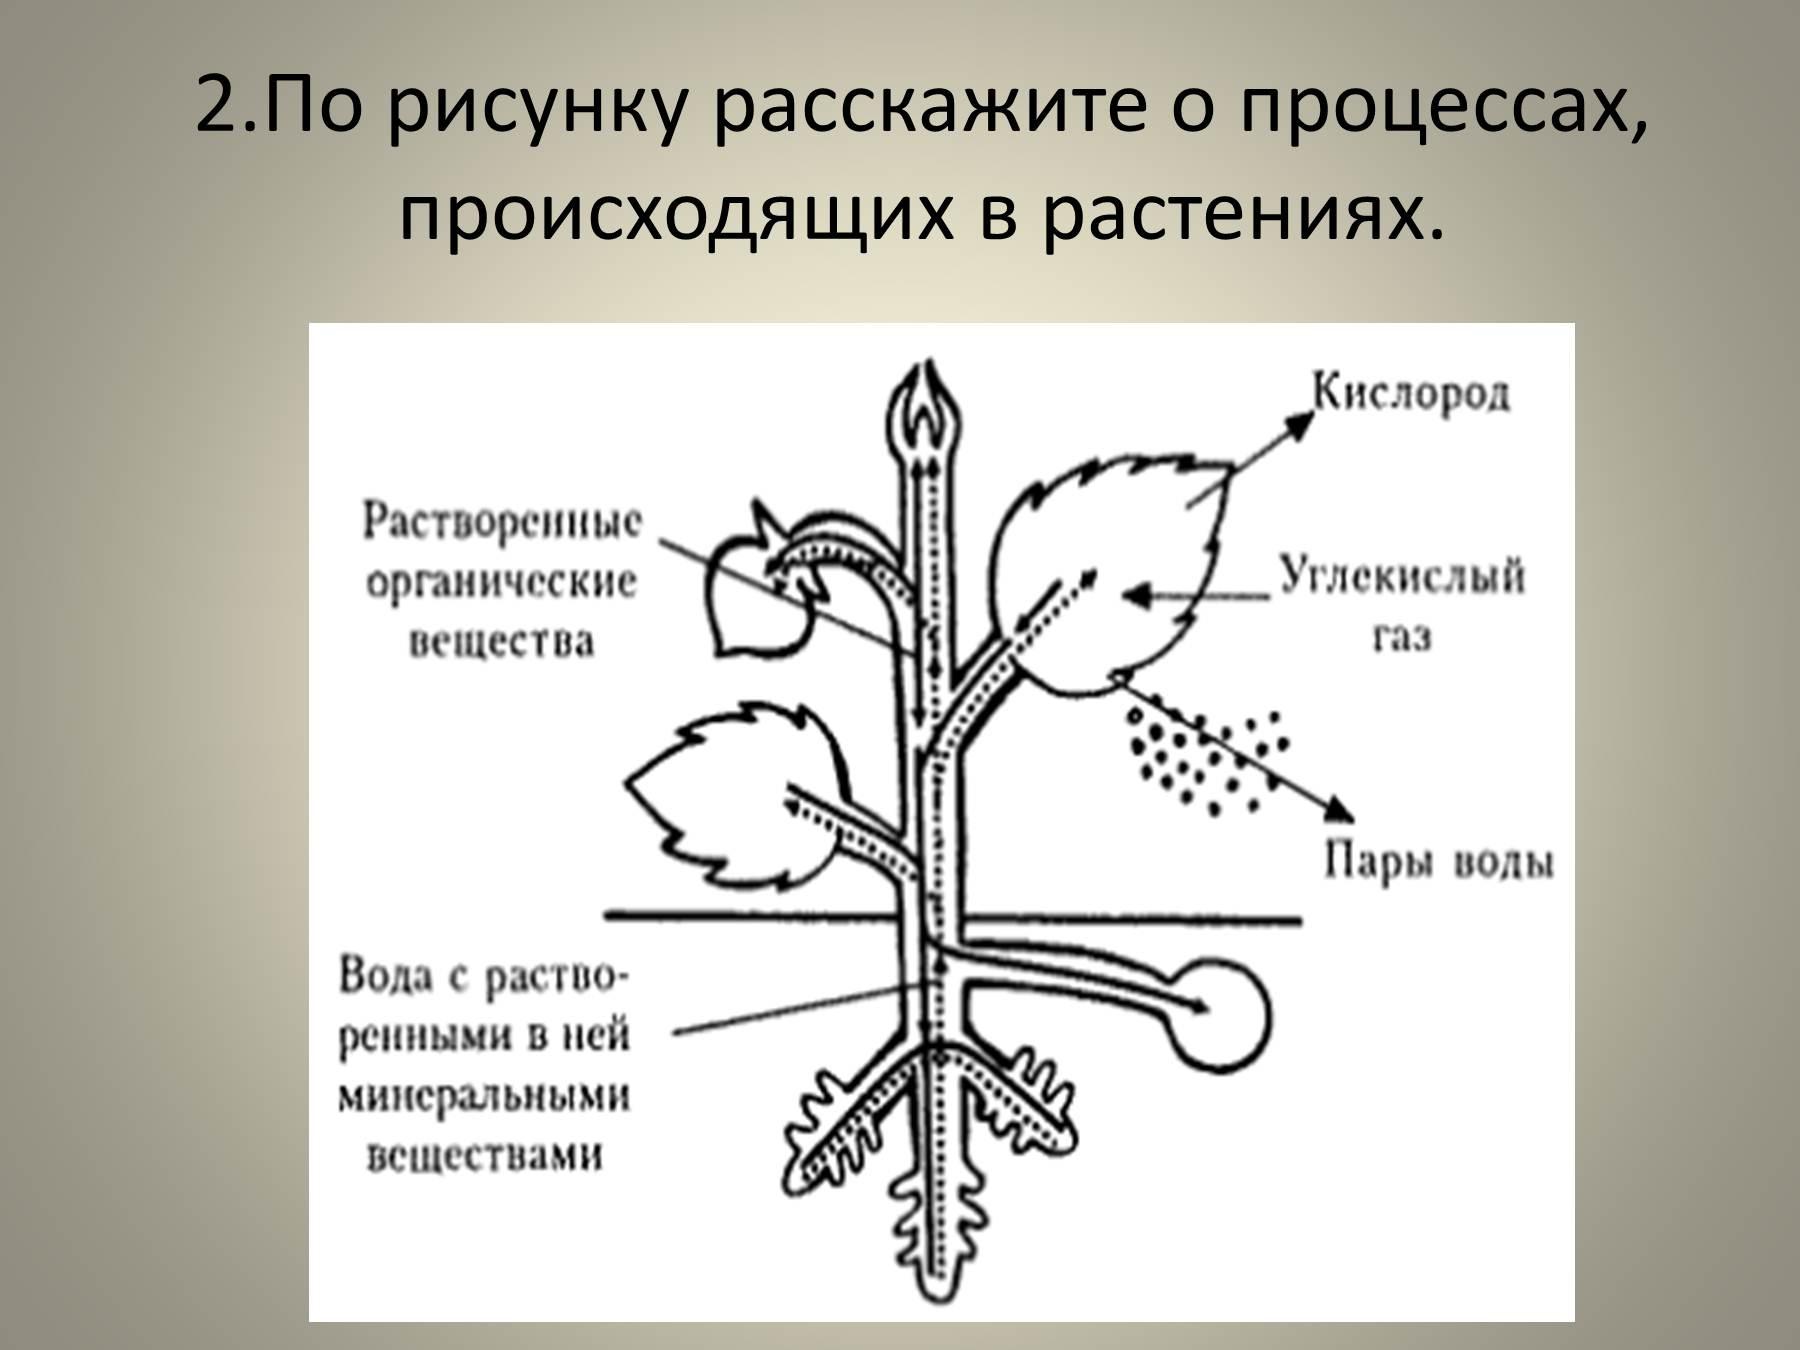 Изобразите схематически продвижение веществ поглощенных